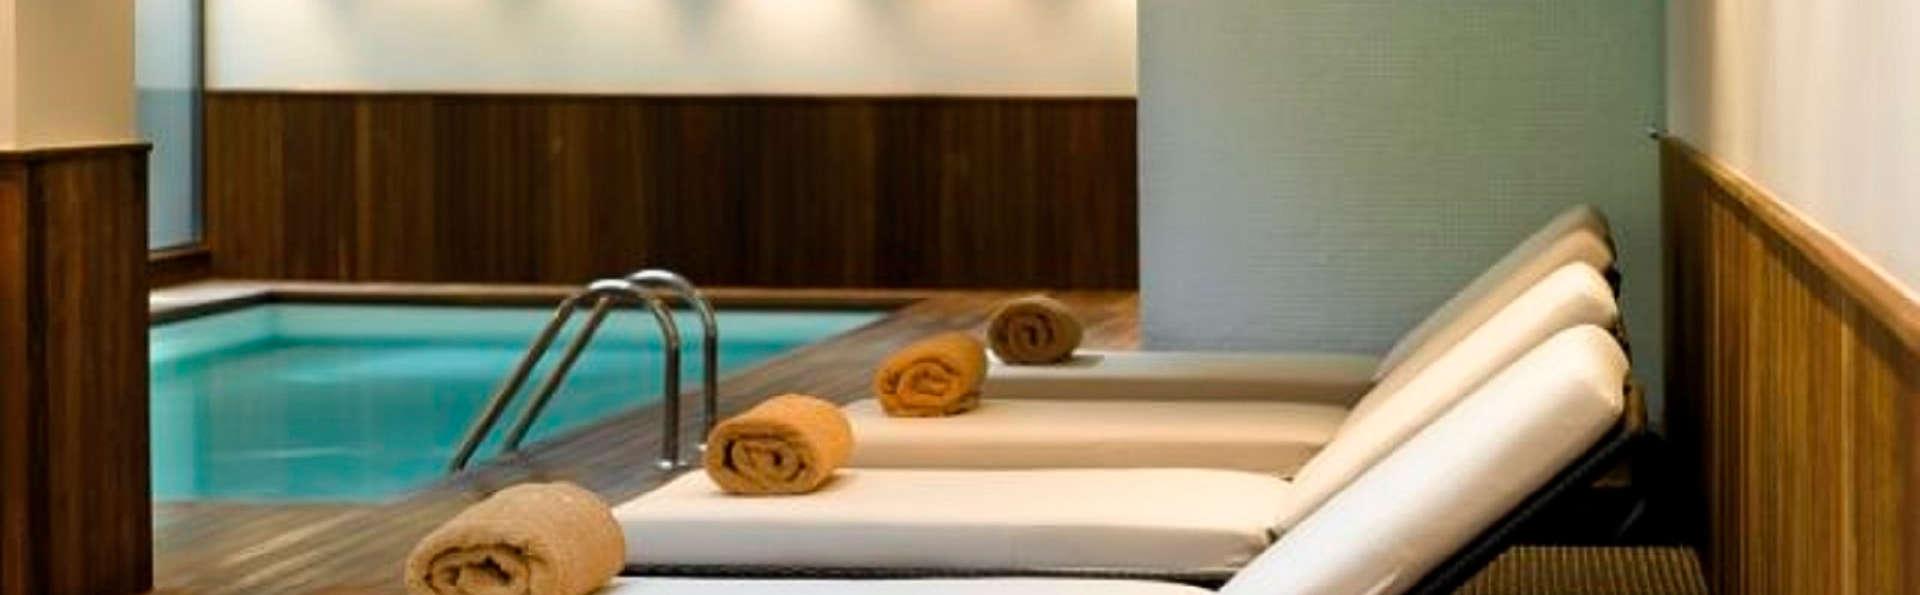 Week-end détente avec spa et massage à Puigcerdá